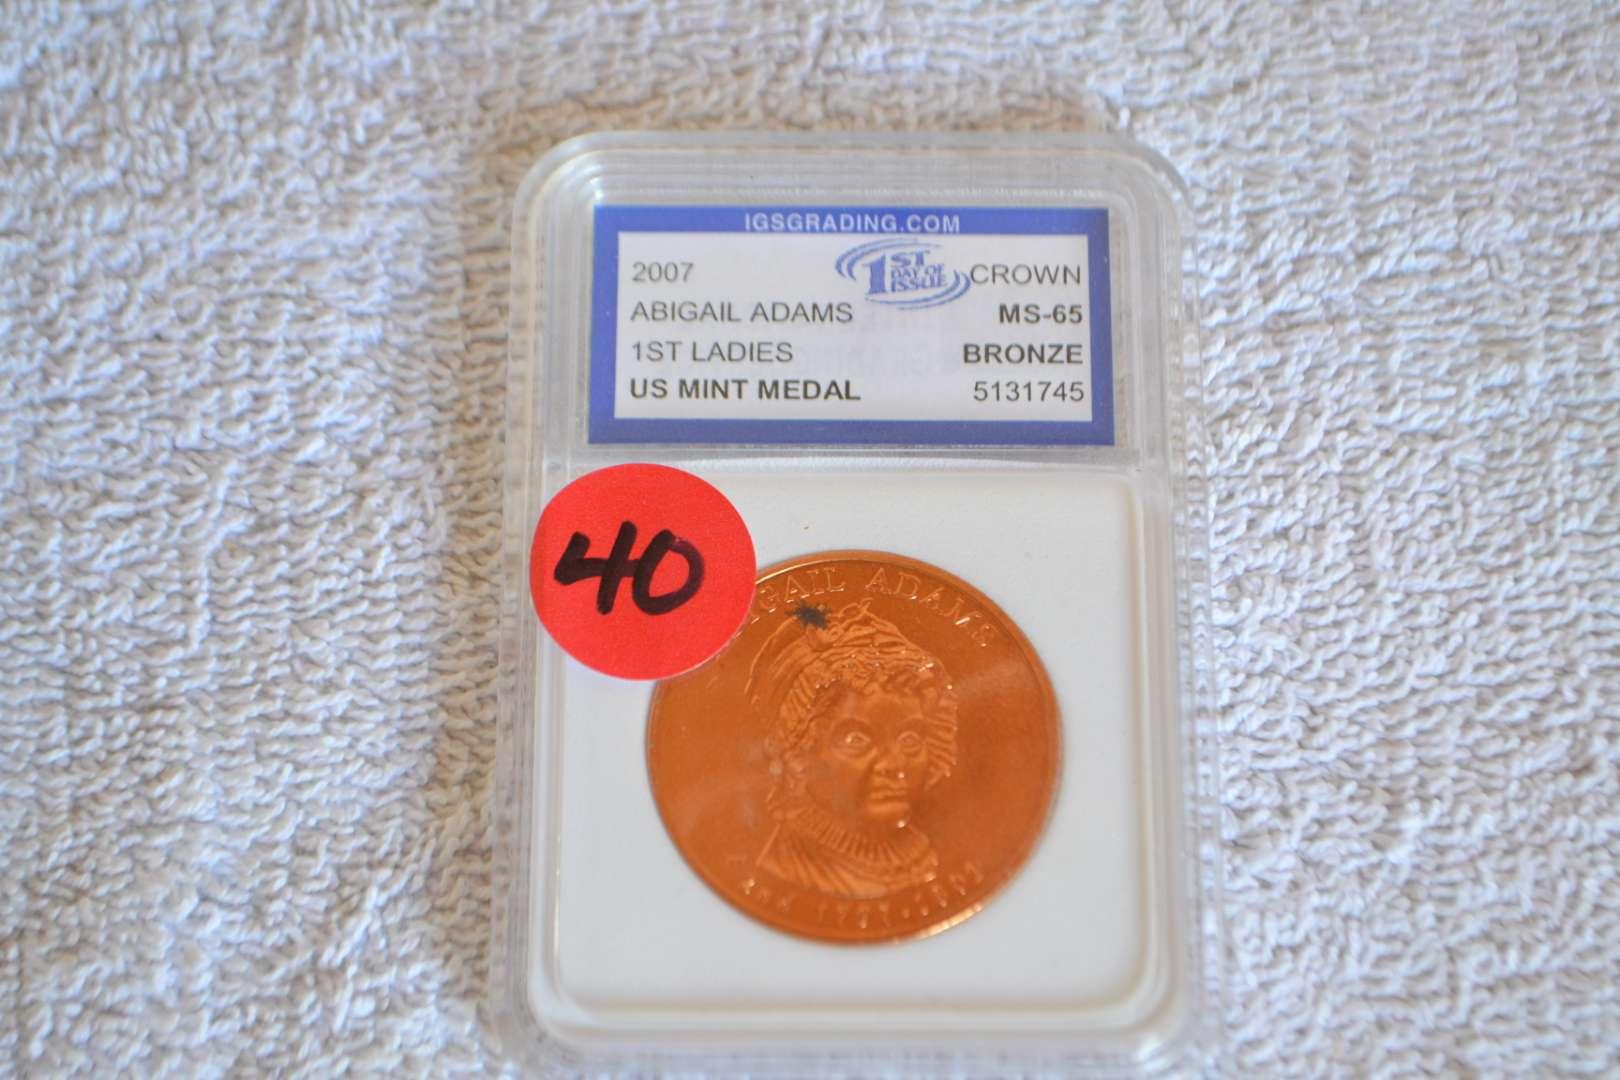 Lot # 40 2007 ABIGAIL ADAMS 1ST LADIES US MINT BRONZE MEDAL IGS GRADED MS65